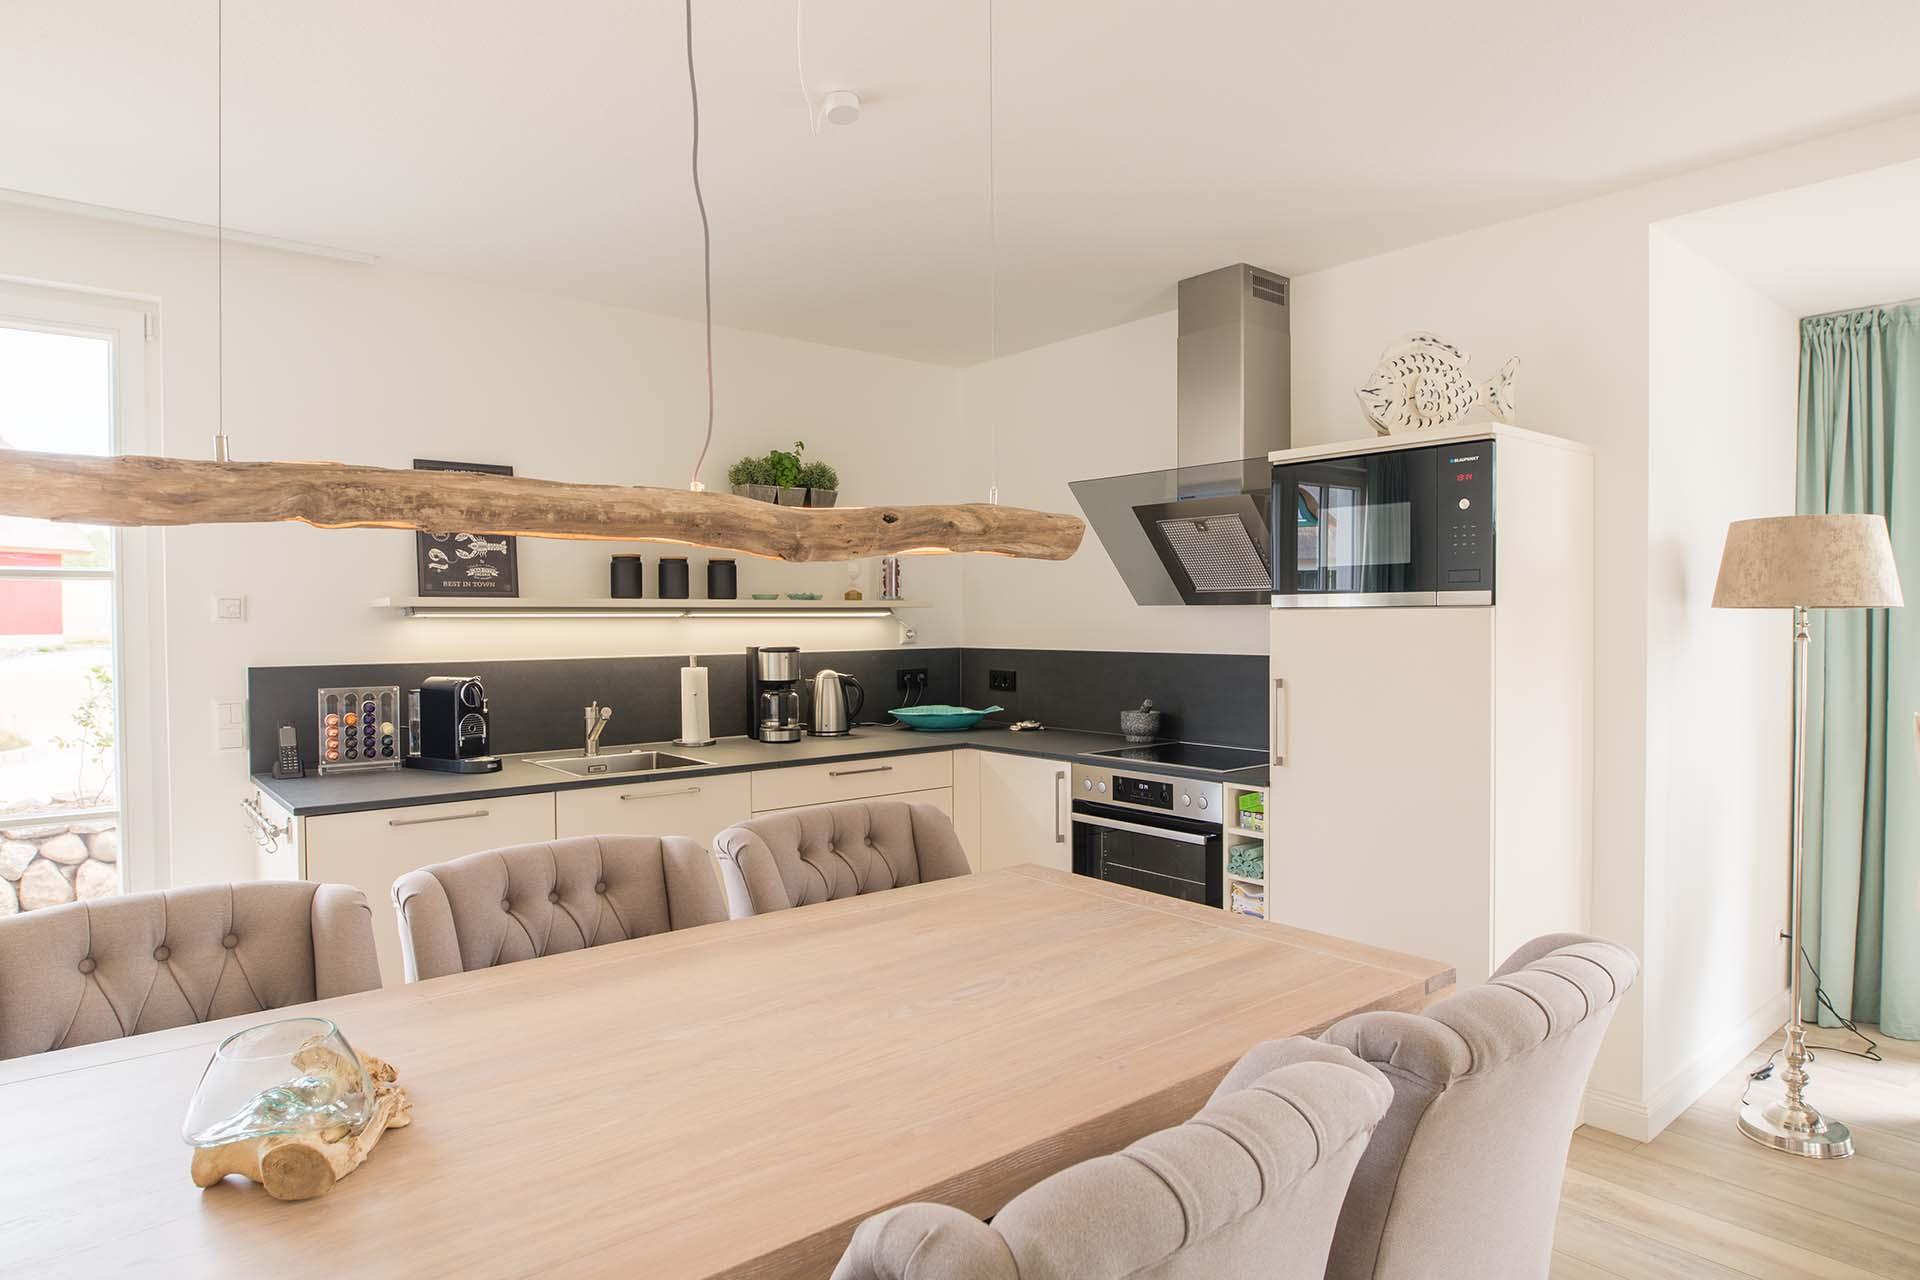 Küche mit gemütlichem Essplatz für gemeinsame Stunden